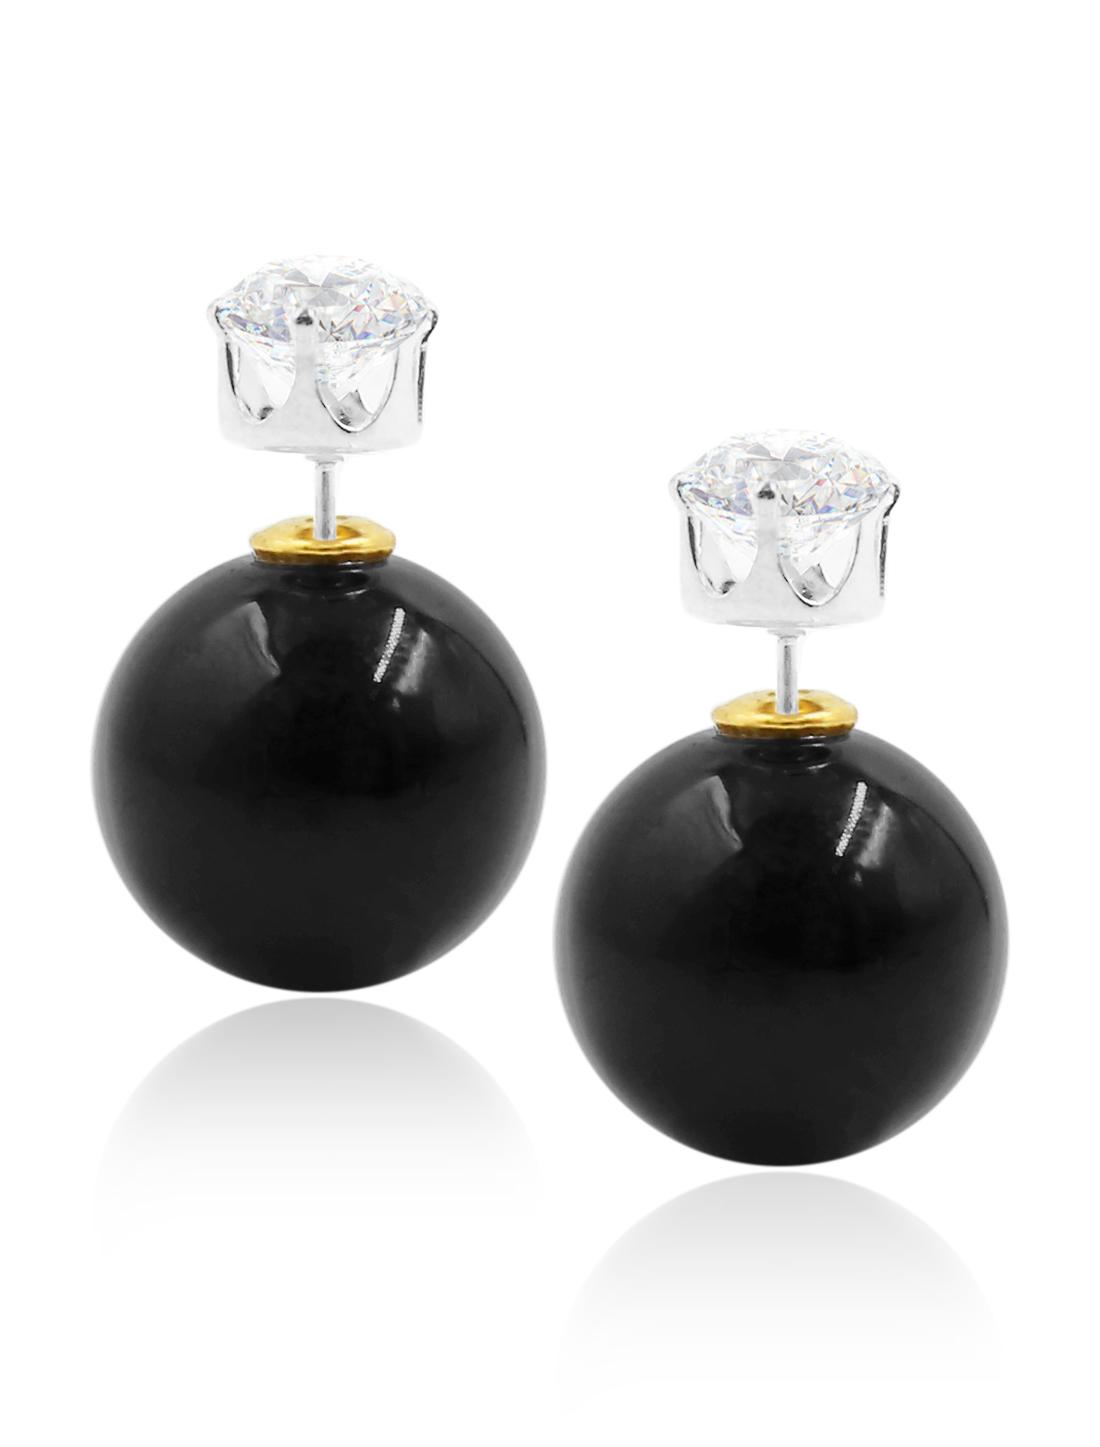 Fashion Women Elegant Double Sides Zircon Ball Earrings Ear Stud 1 Pair Black